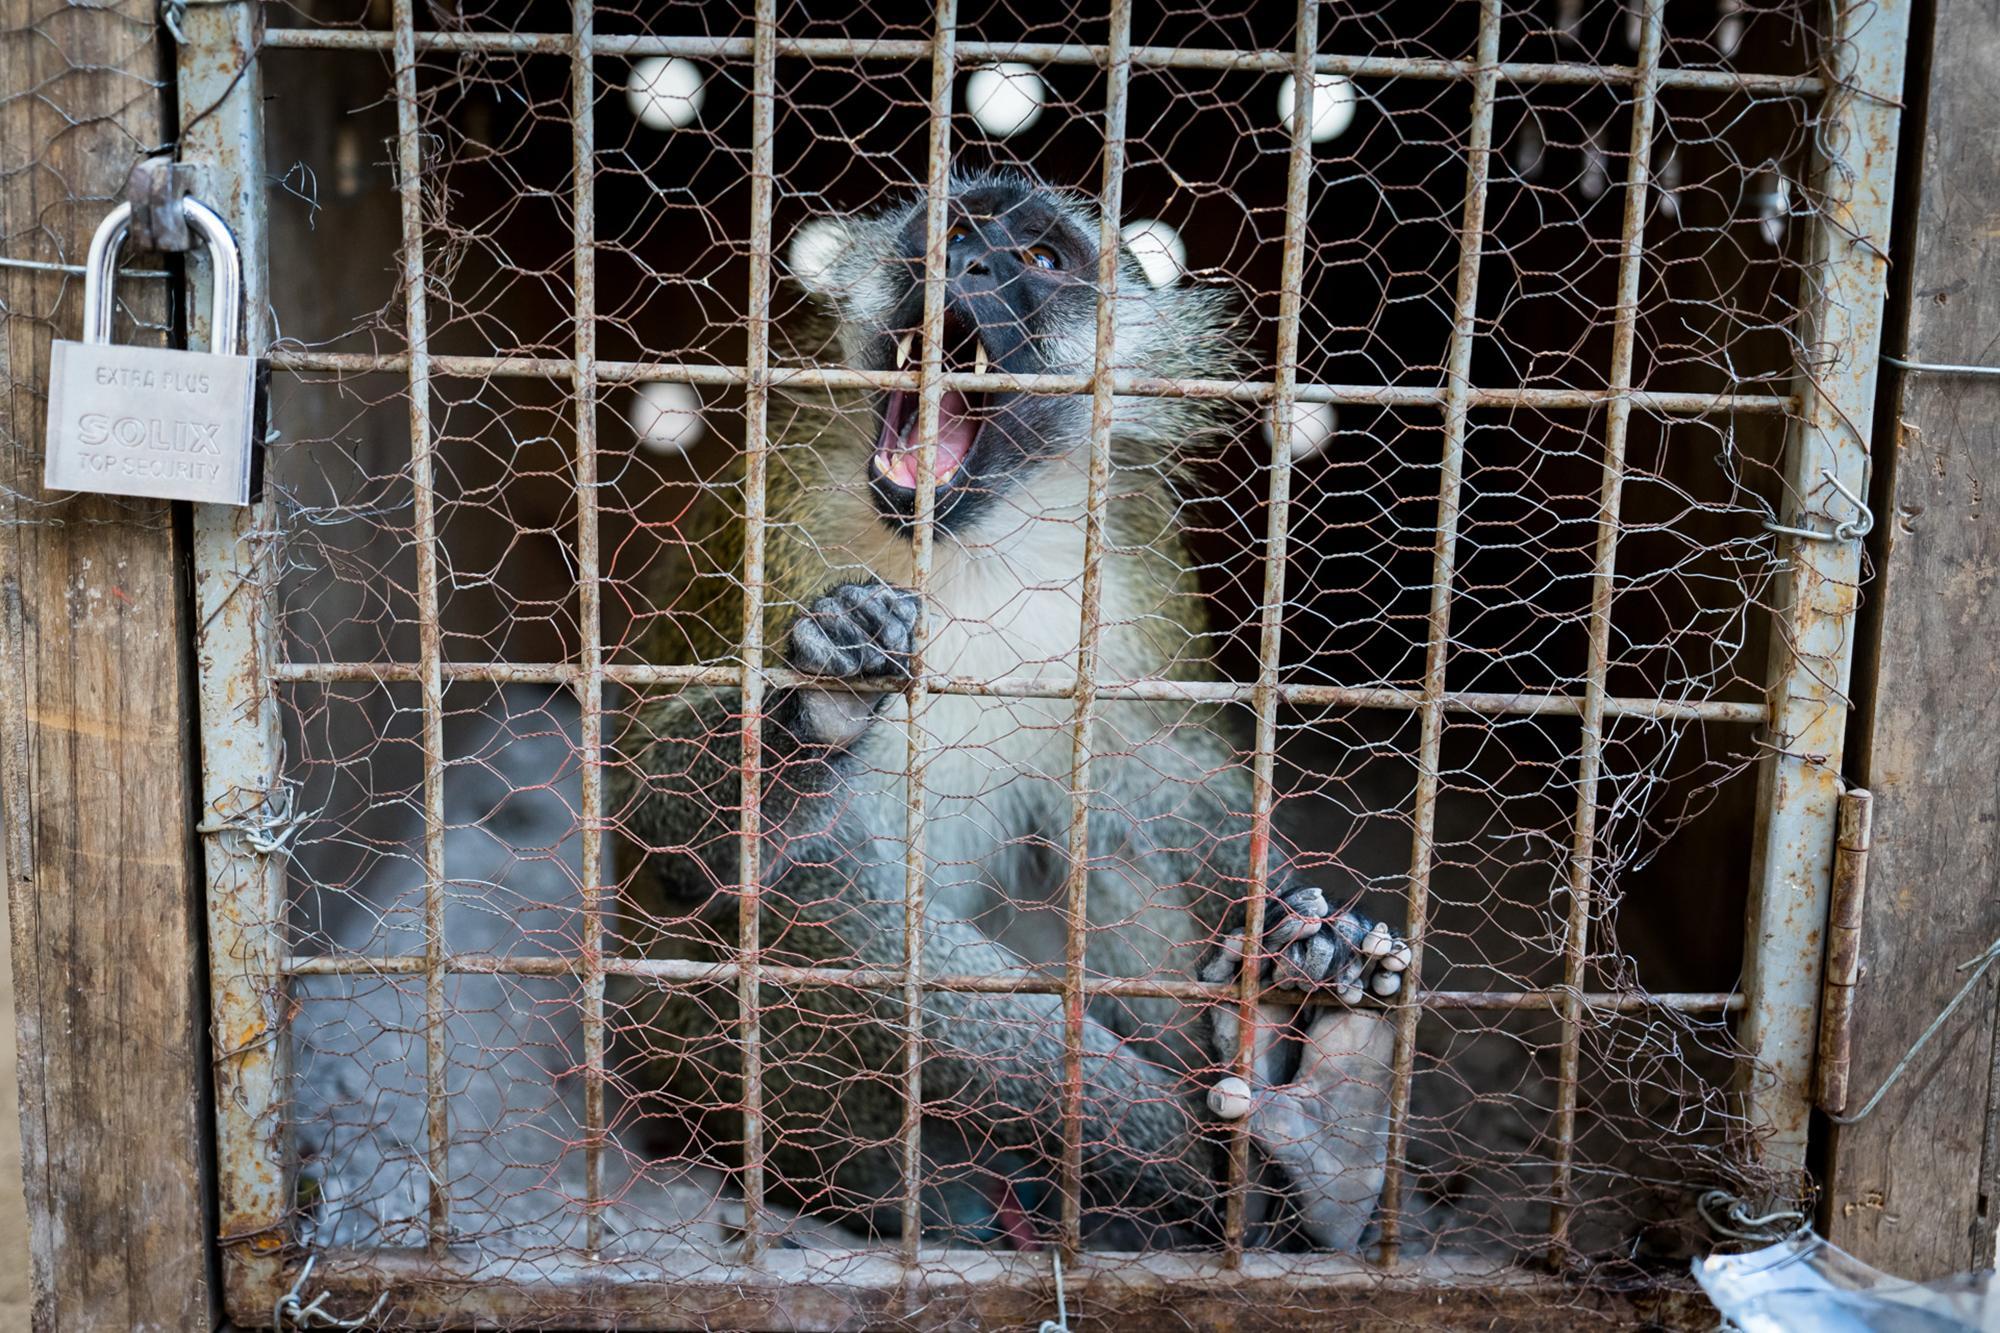 Enduimet monkey rehab